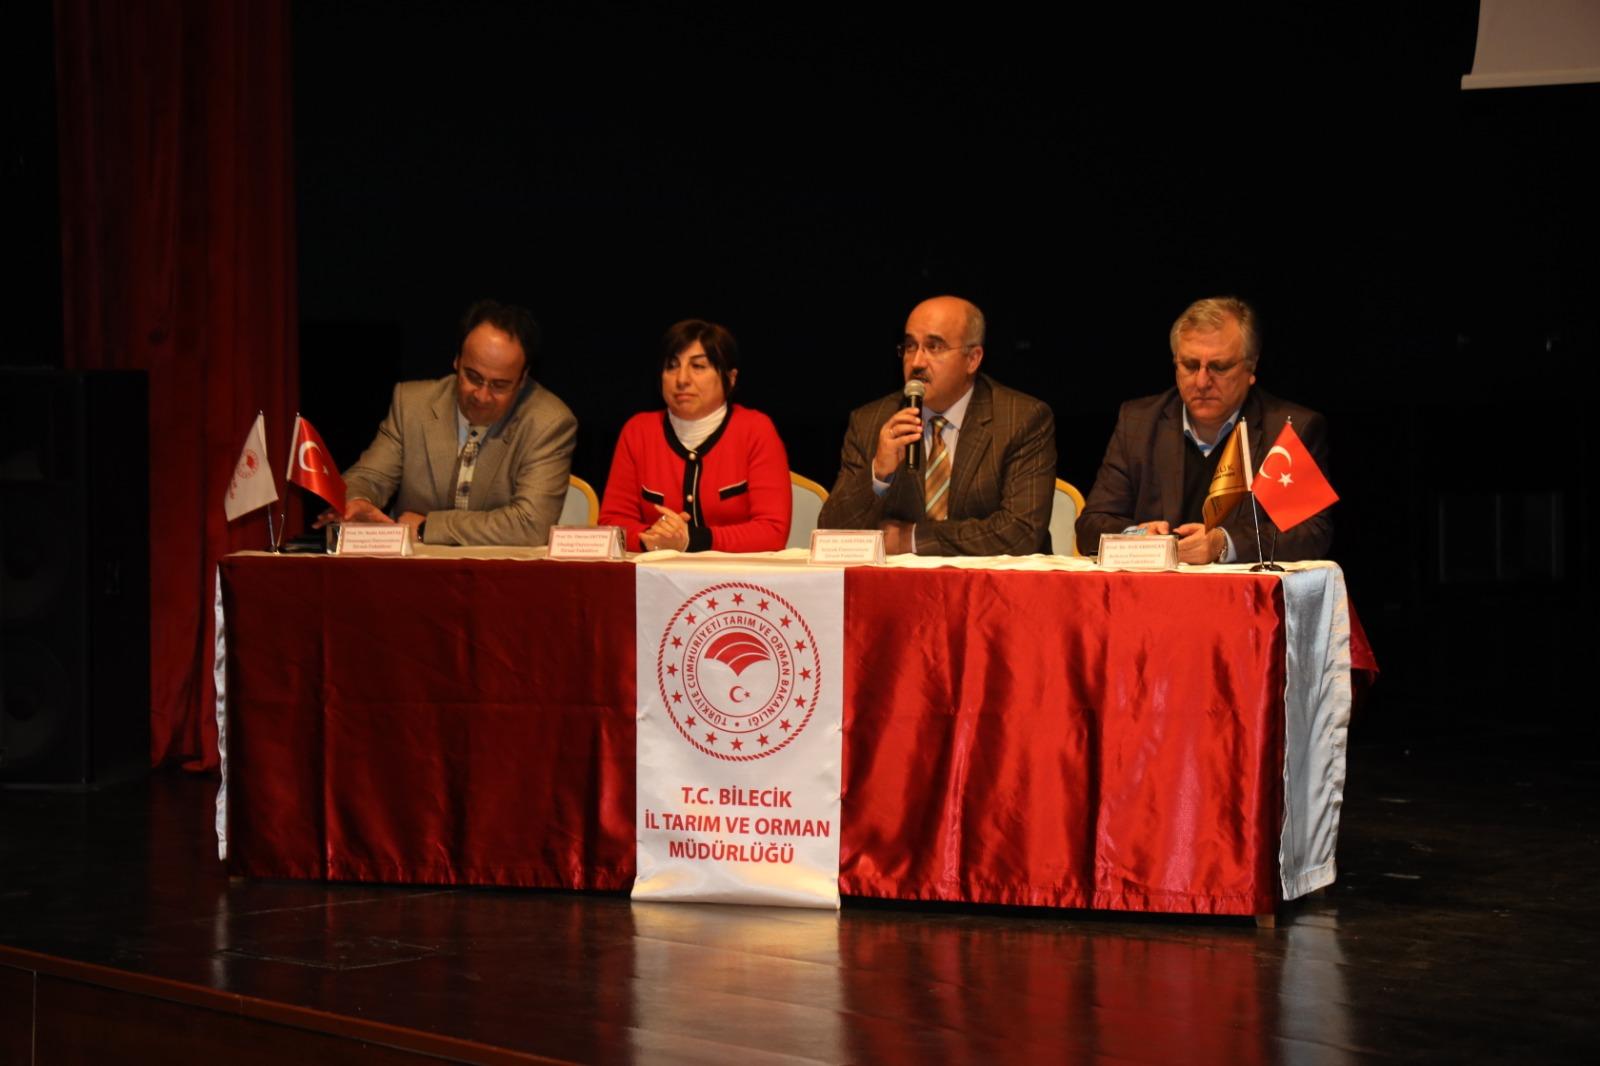 Bölüm Başkanımız Prof.Dr. Ümran ERTÜRK, 19 Şubat 2020 tarihinde Bilecik'te düzenlenen Altın Kabuk Ceviz Çalıştayı'na